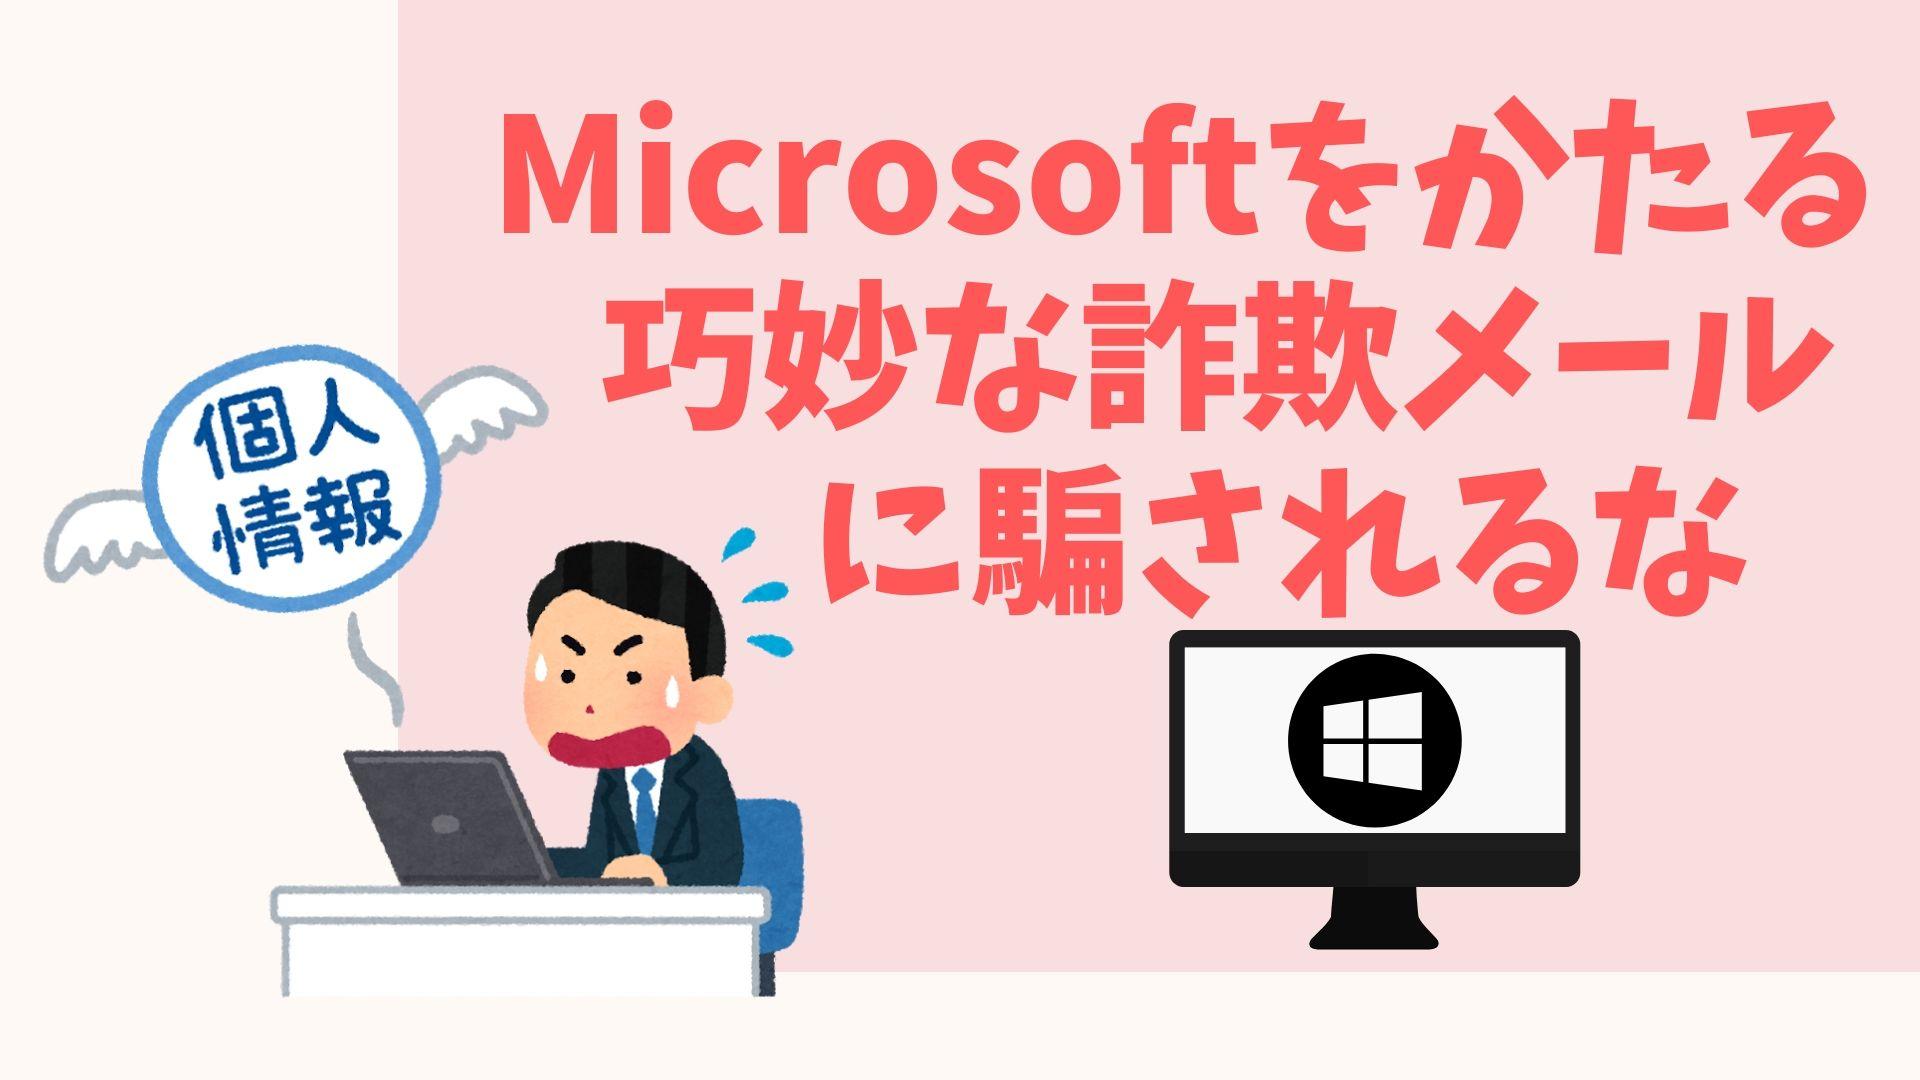 26b5c549768208d41c3d4aa083334a71 - 【officeアカウント情報を完善】Microsoftをかたる詐欺メールに注意!個人情報の入力は絶対ダメ!